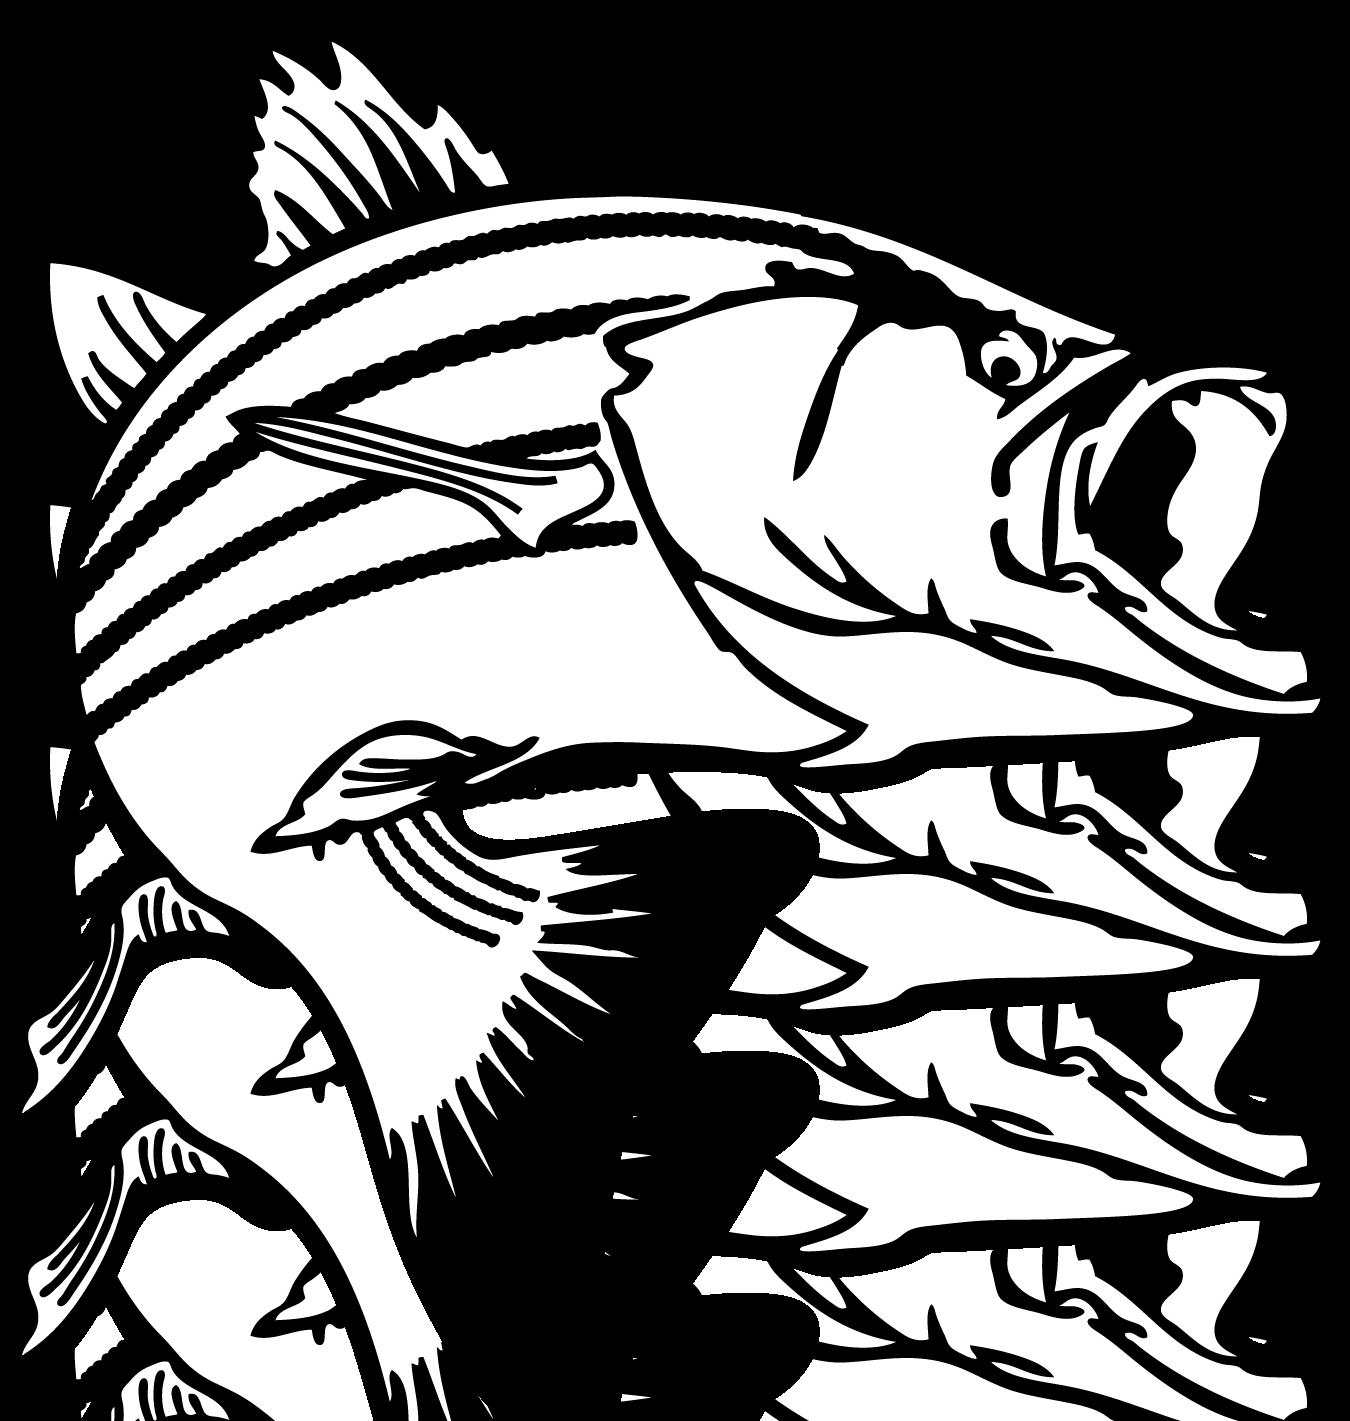 svg Jumping panda free images. Catfish clipart janitor fish.